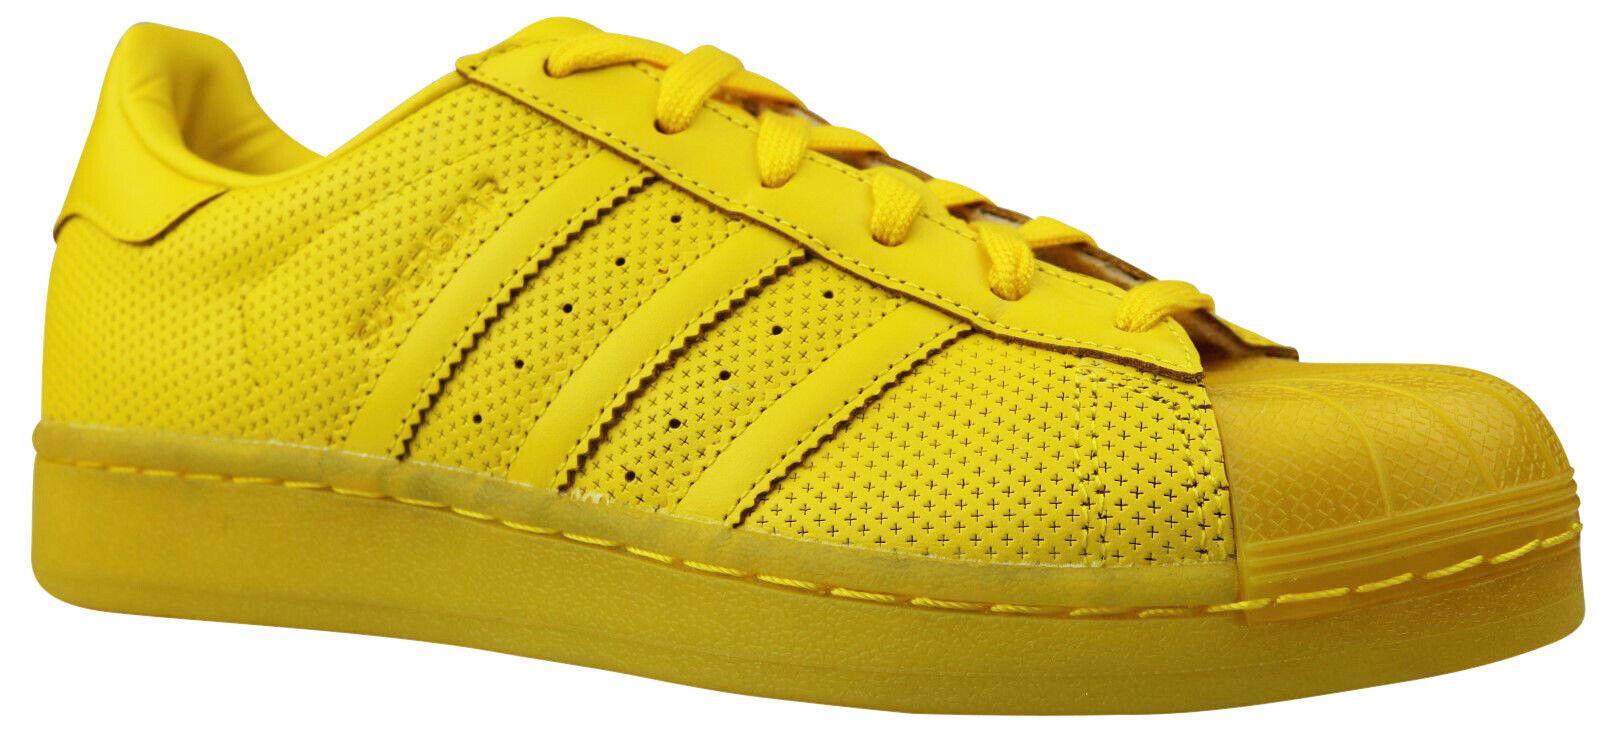 ADIDAS ORIGINALS superstar AdiColor cortos zapatos s80328 GR 36,5 & 37 nuevo embalaje original &